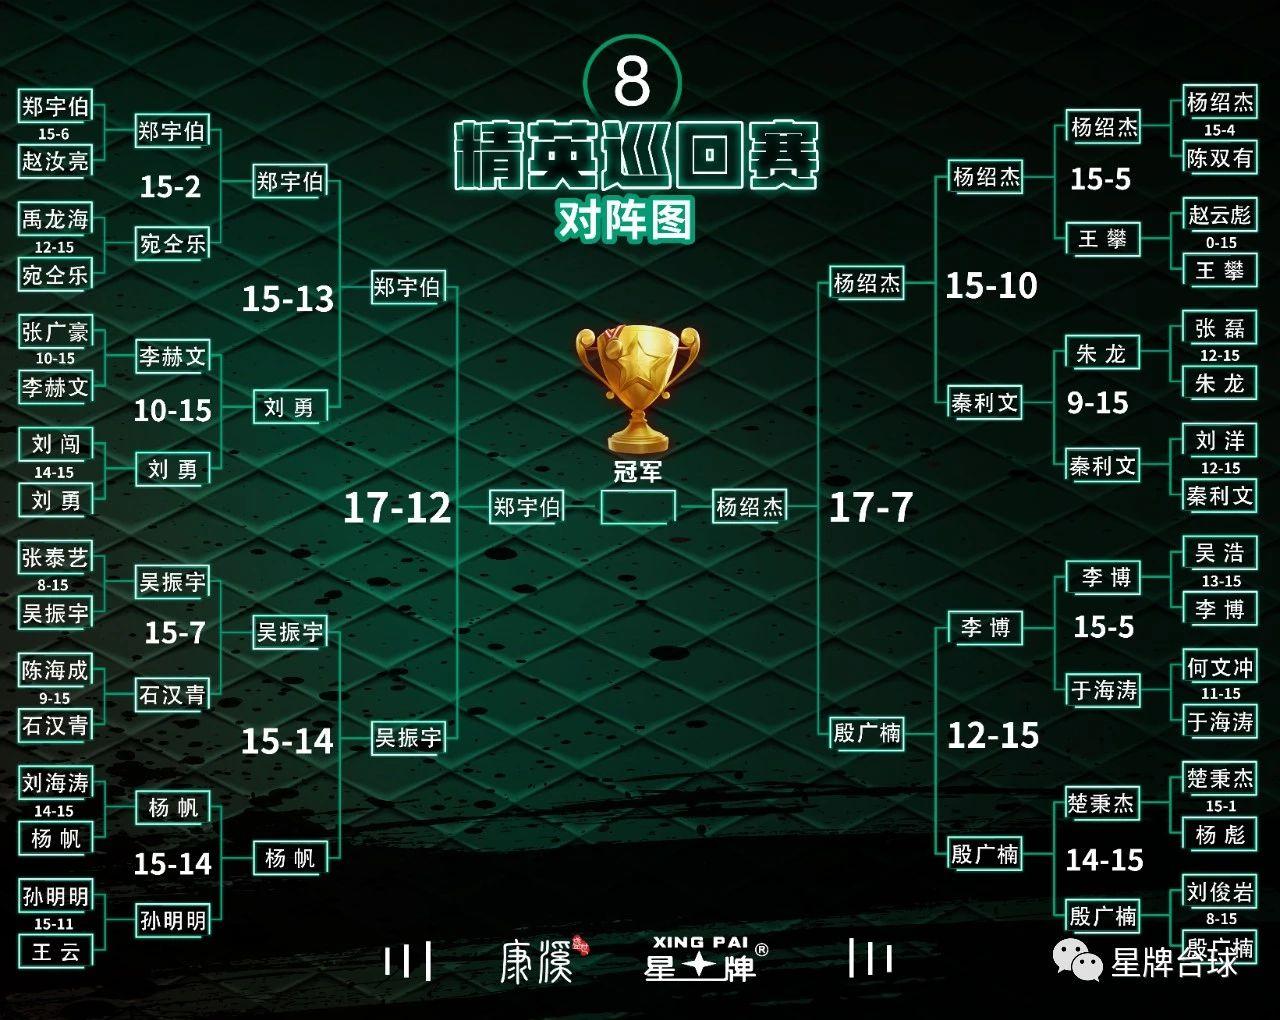 【精英巡回赛战报】郑宇伯杨绍杰会师决赛